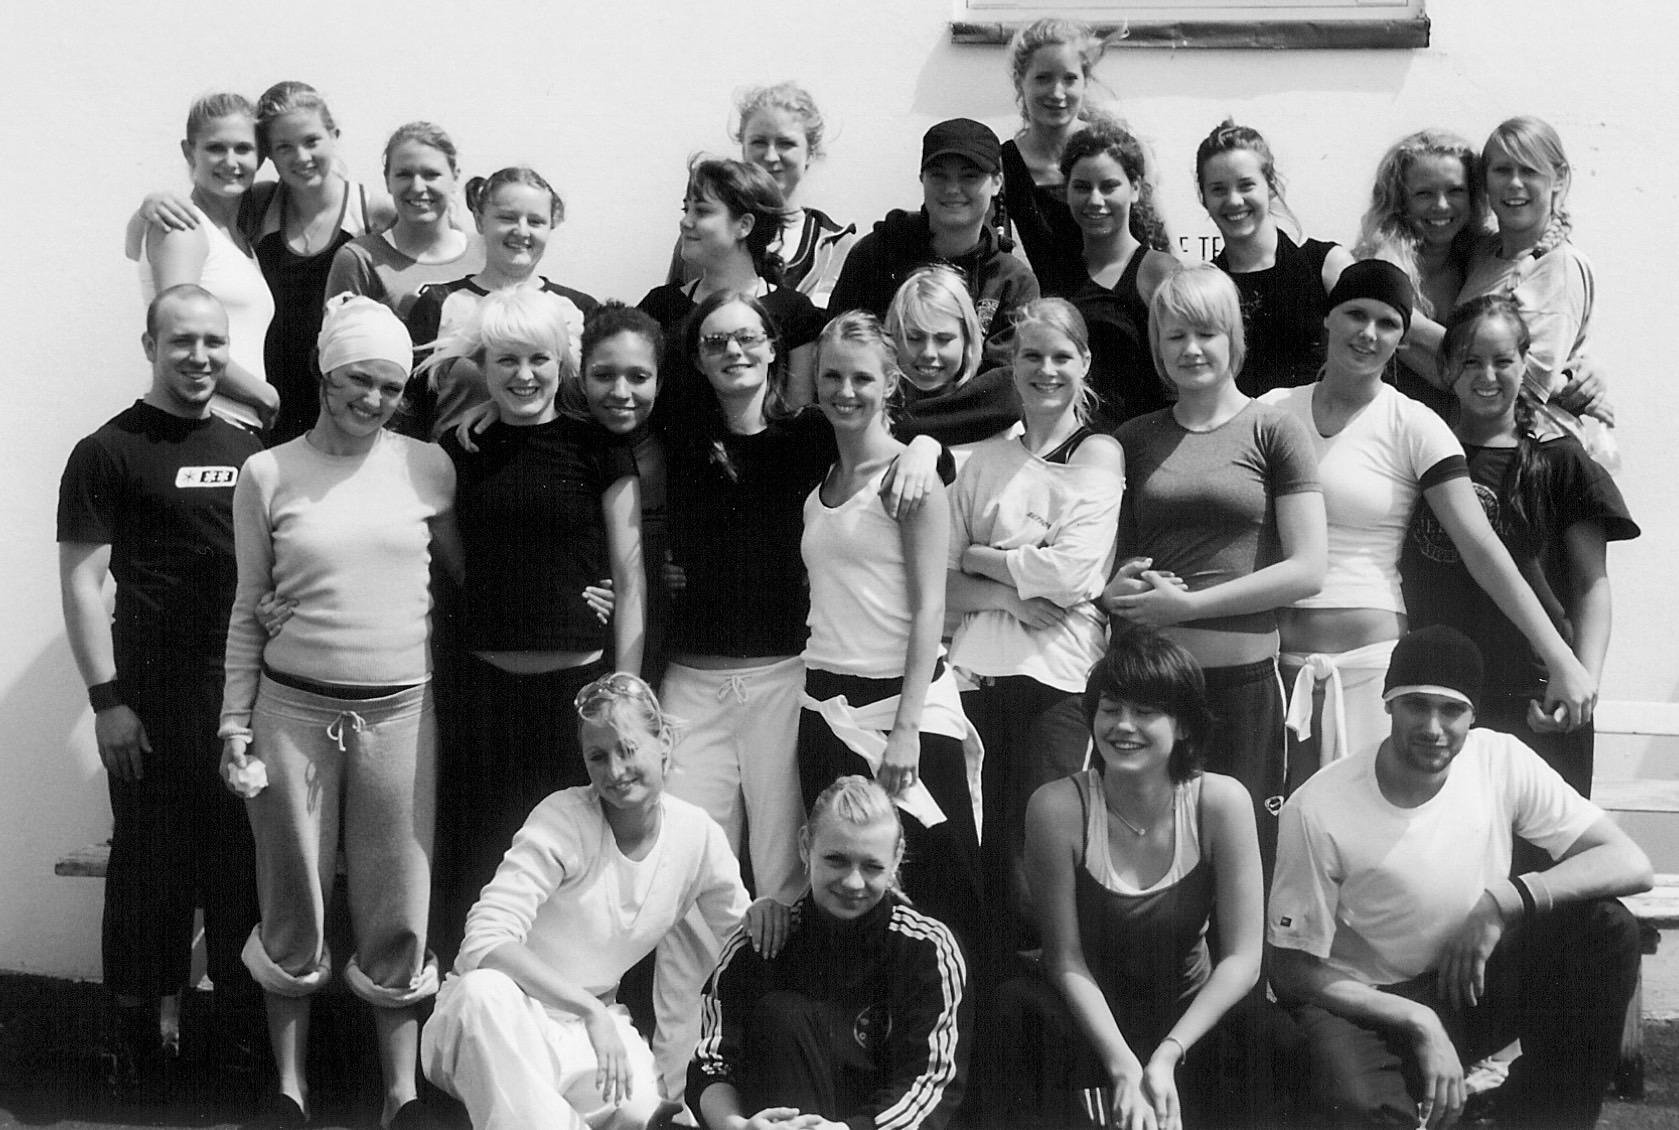 Danseuddannelsen 2002-2003